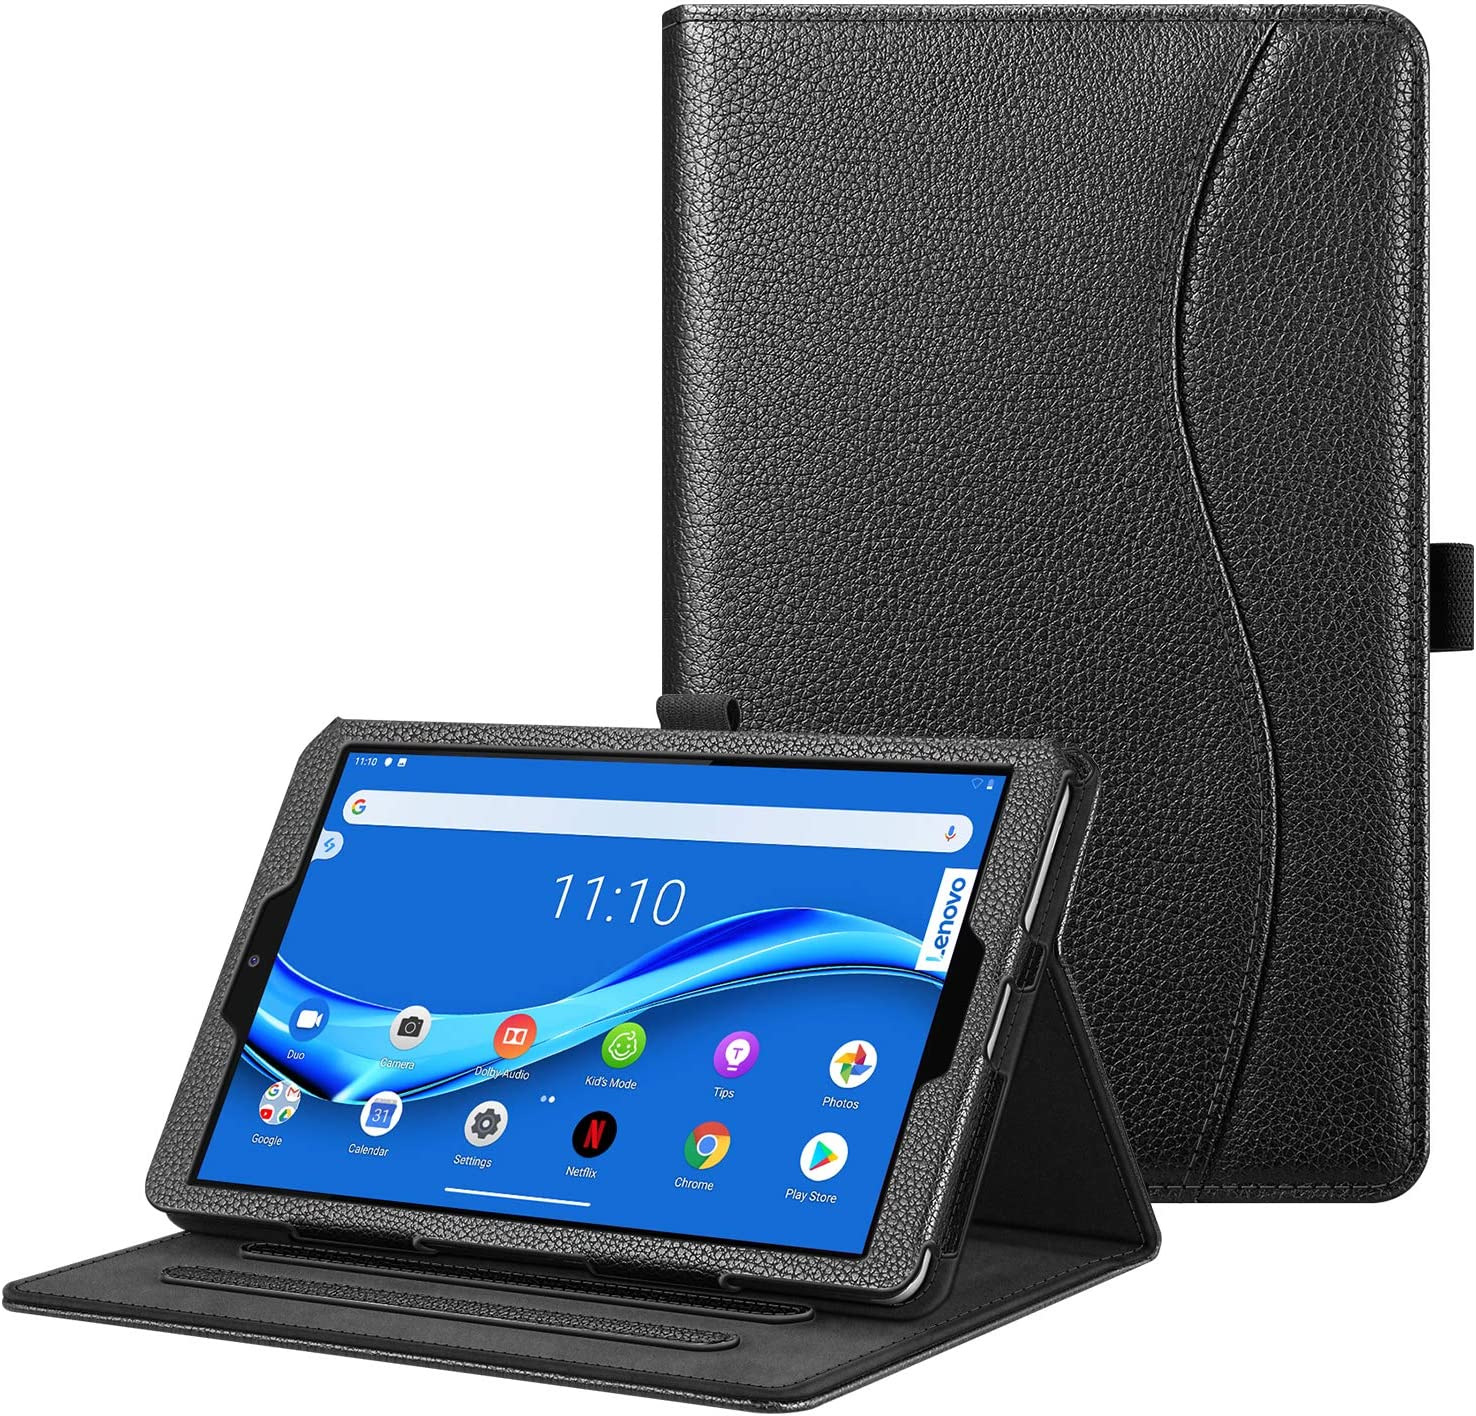 """Fintie Case for Lenovo Tab M8 / Smart Tab M8 / Tab M8 FHD - Multi-Angle Viewing Folio Cover w/Pocket, Auto Wake/Sleep for Lenovo Tab M8-HD TB-8505F/TB-8505X 2019 8.0"""" Tablet, Black"""